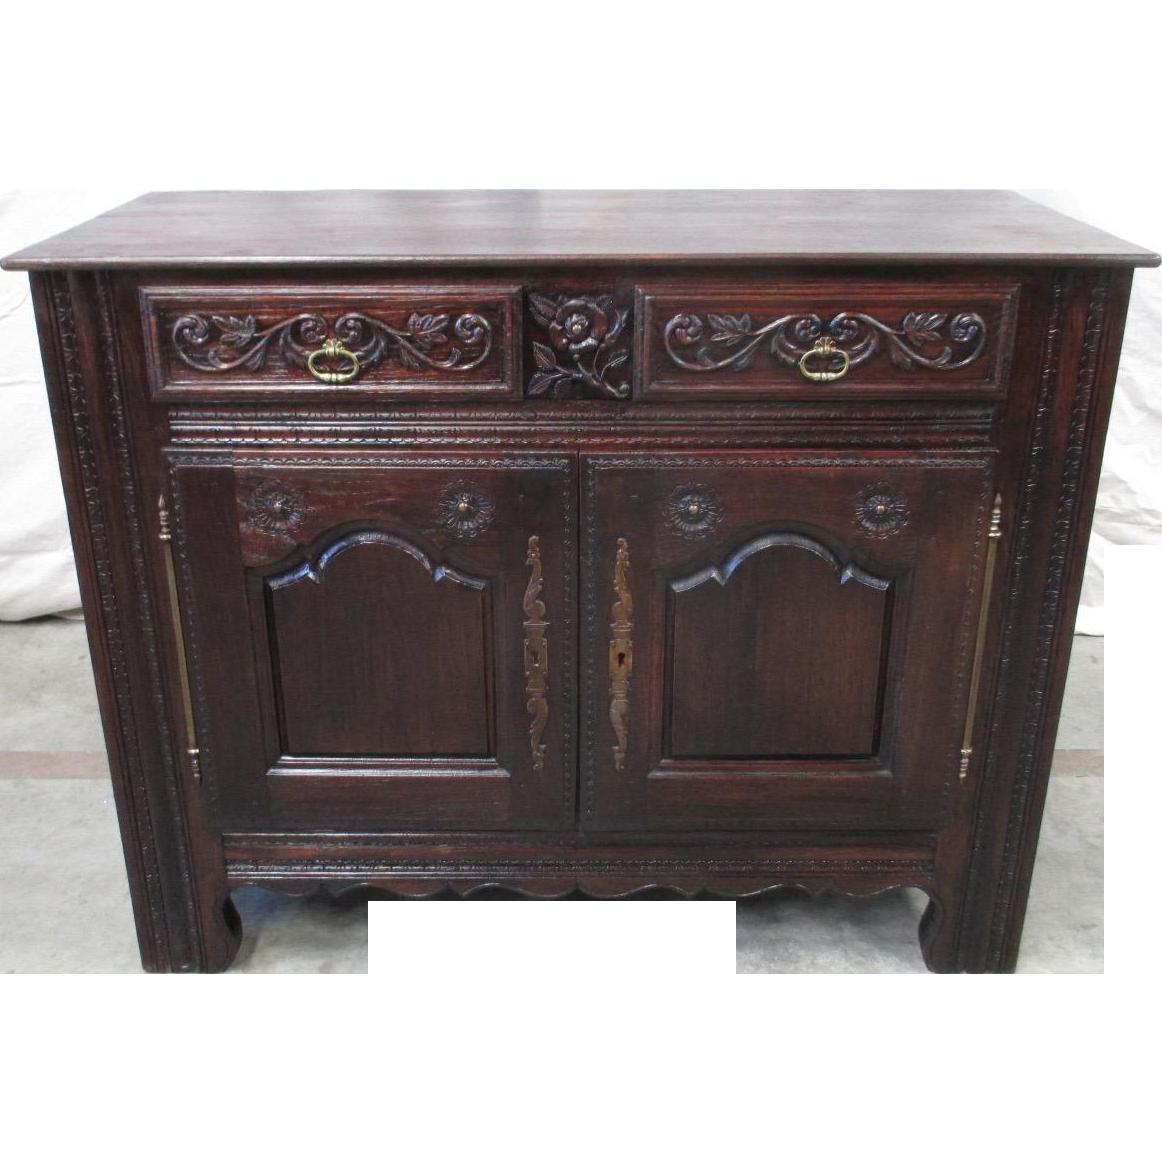 French Antique Carved Sideboard Server Antique Furniture